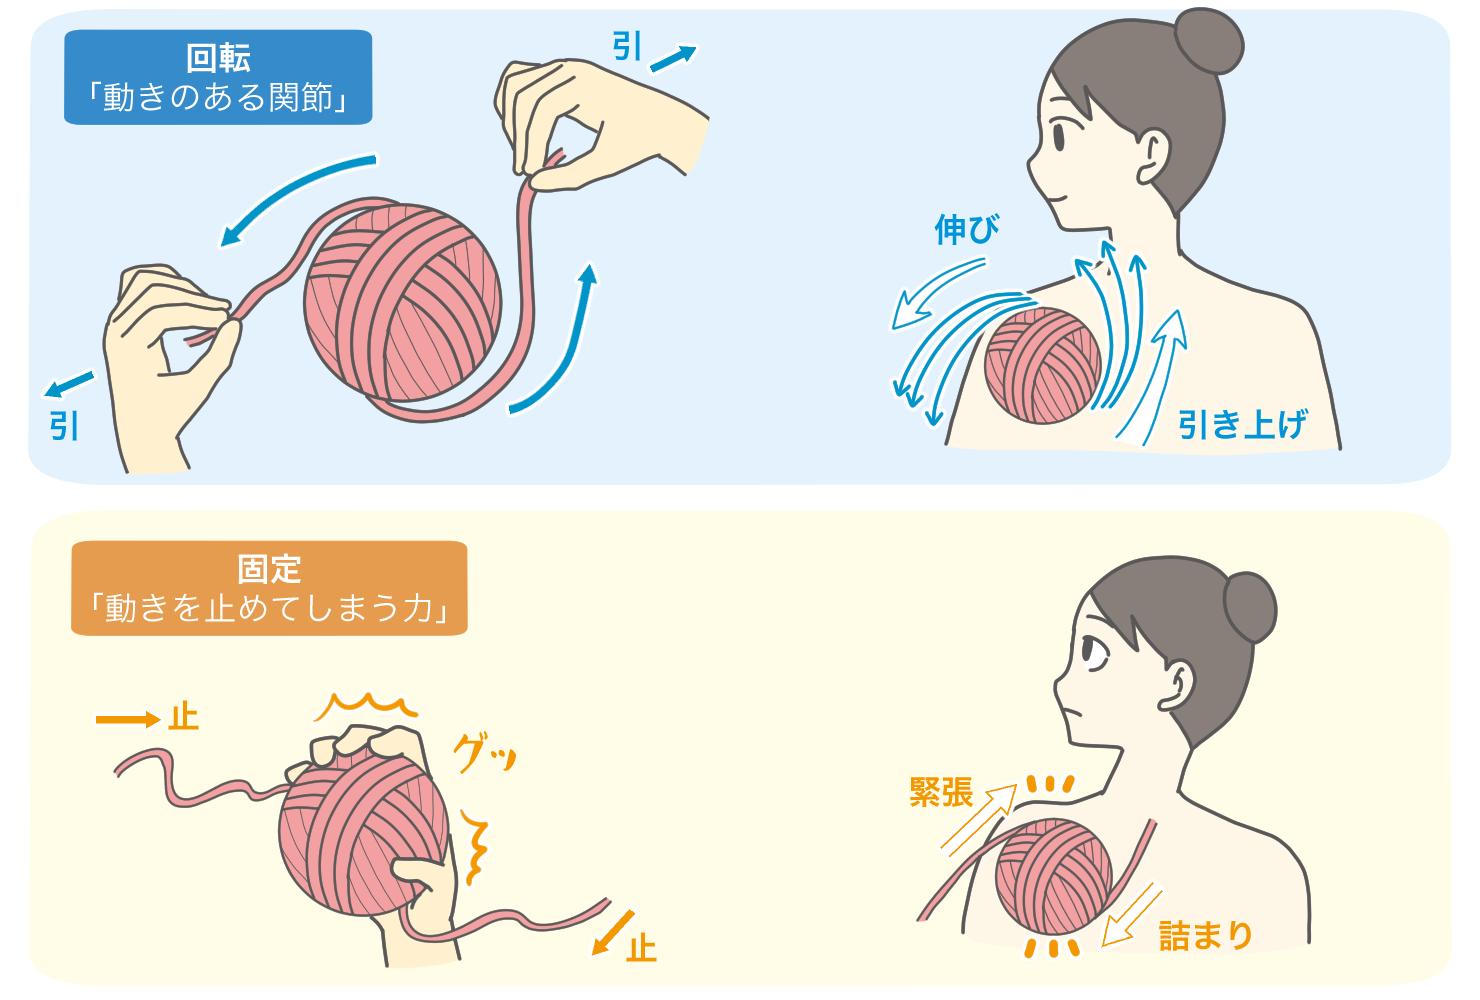 01肩で毛糸を紹介.png